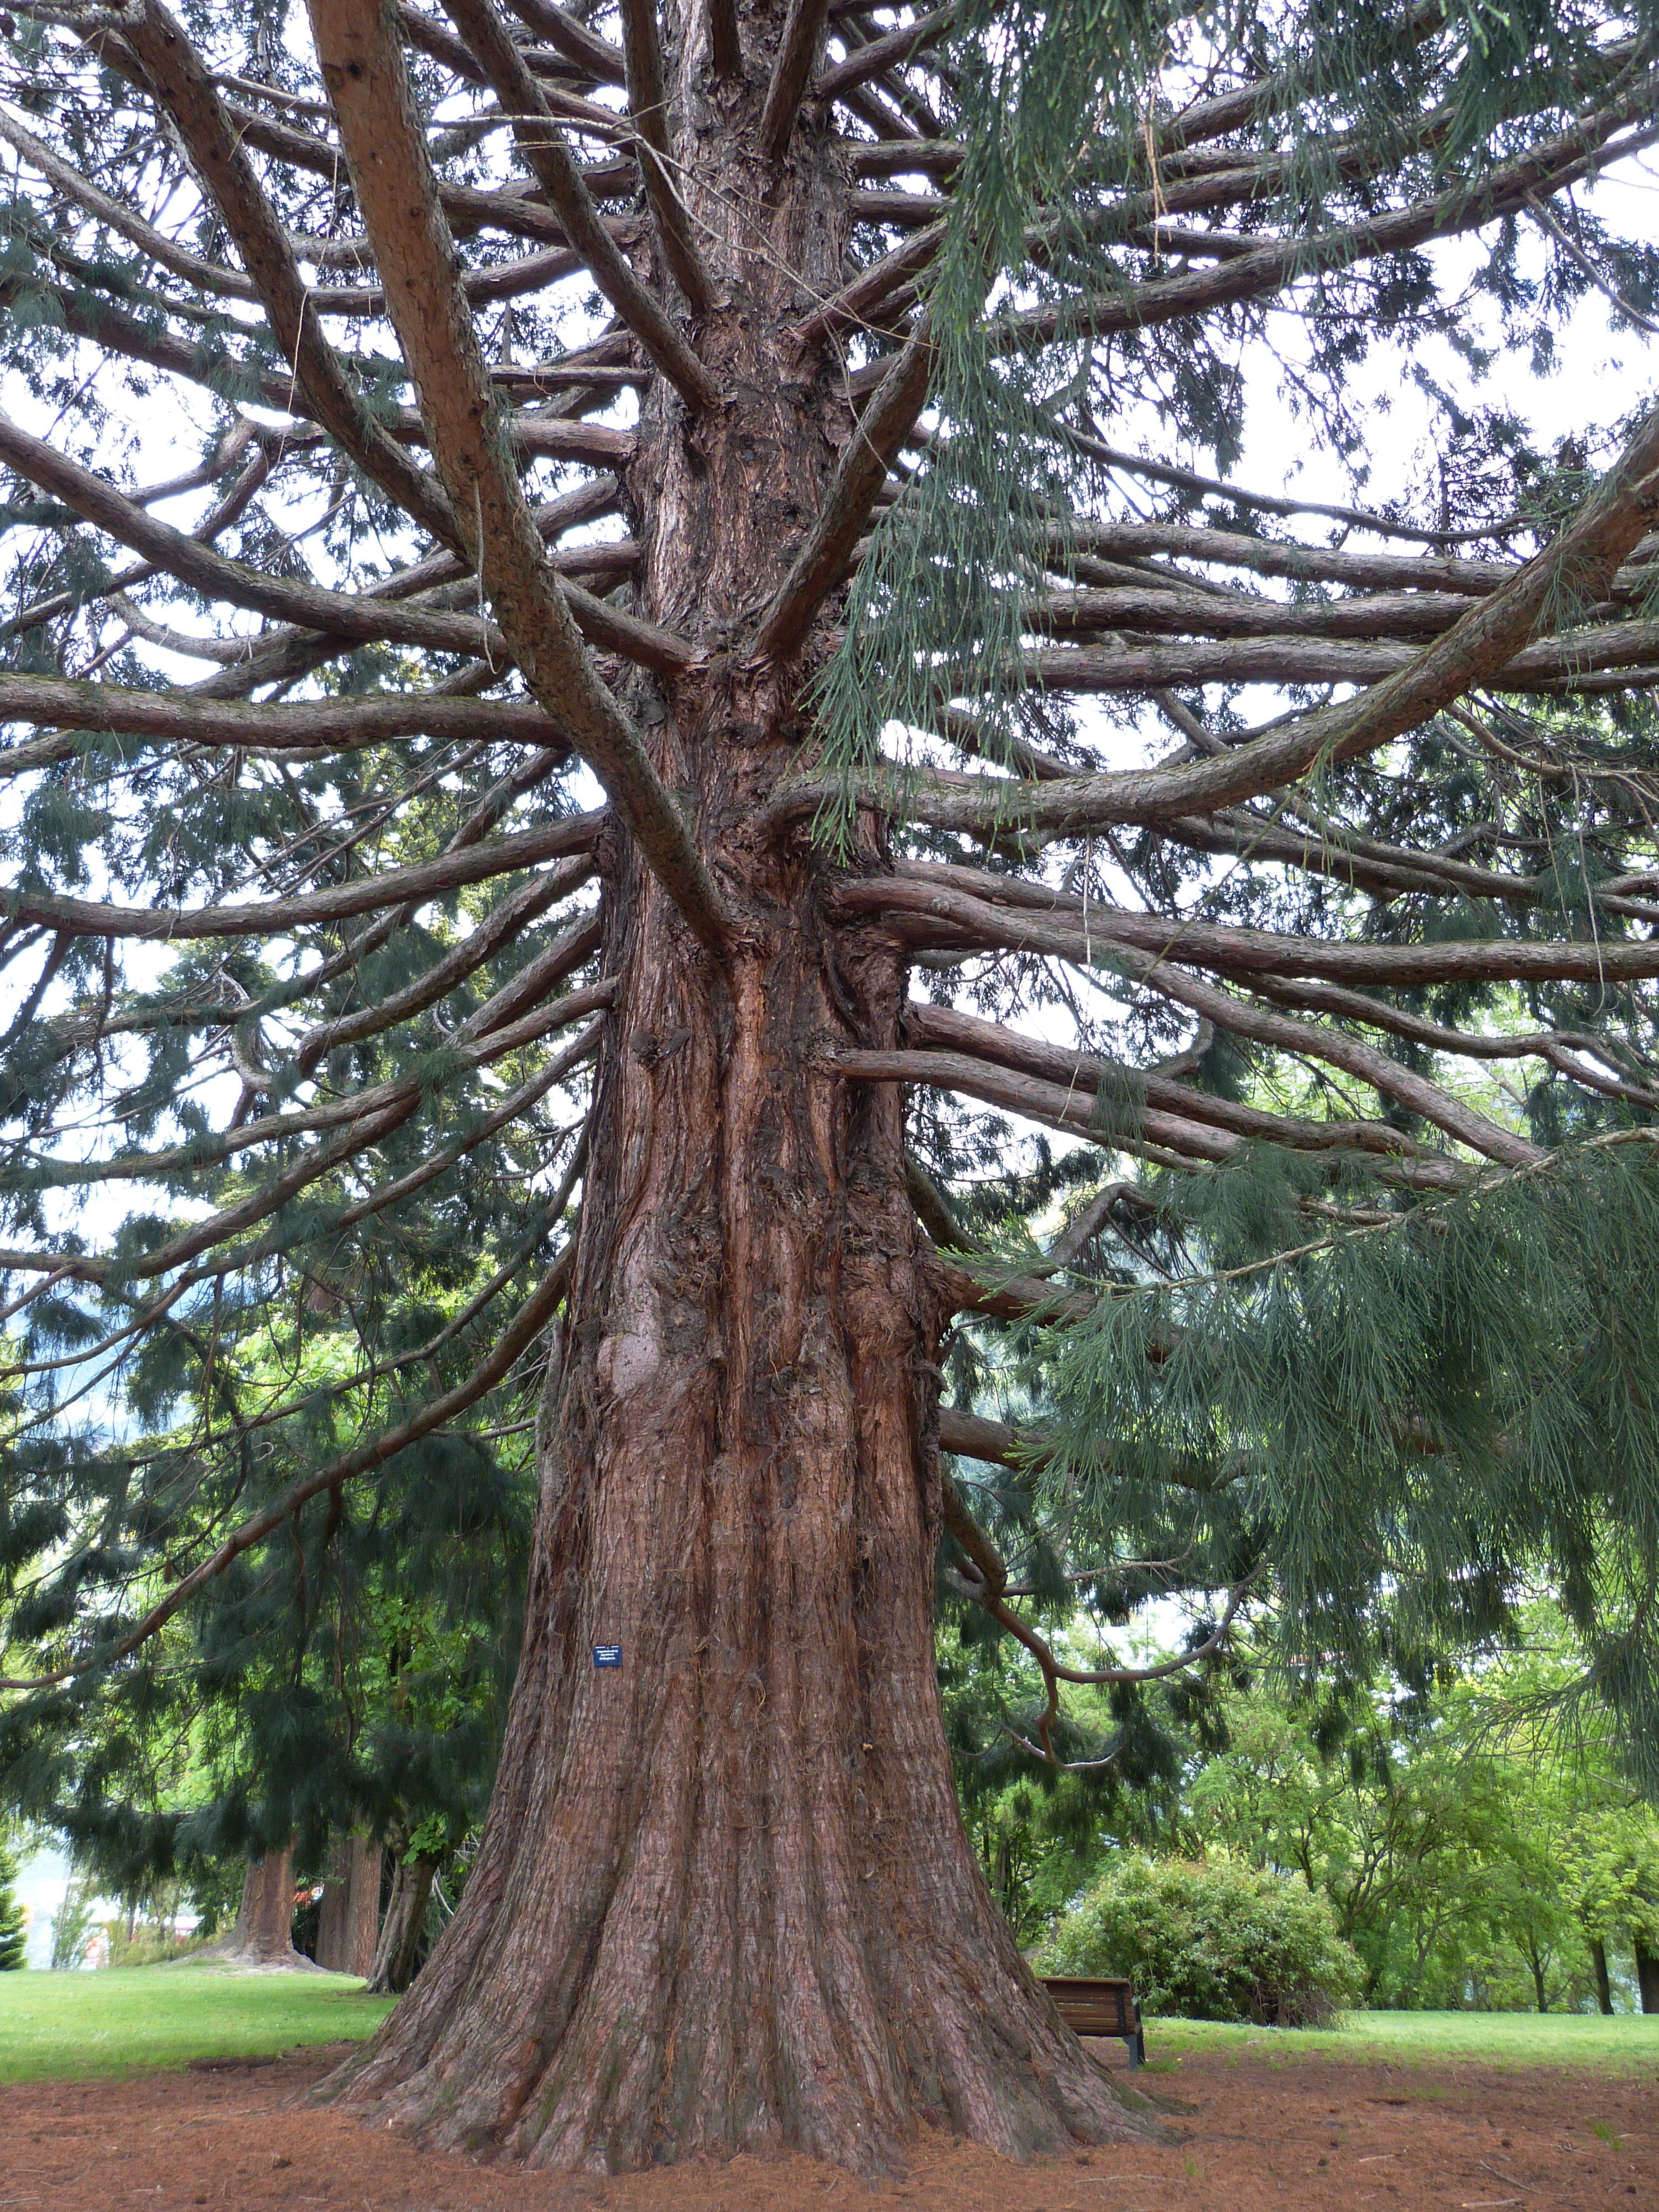 free images tree nature trunk log produce park botany